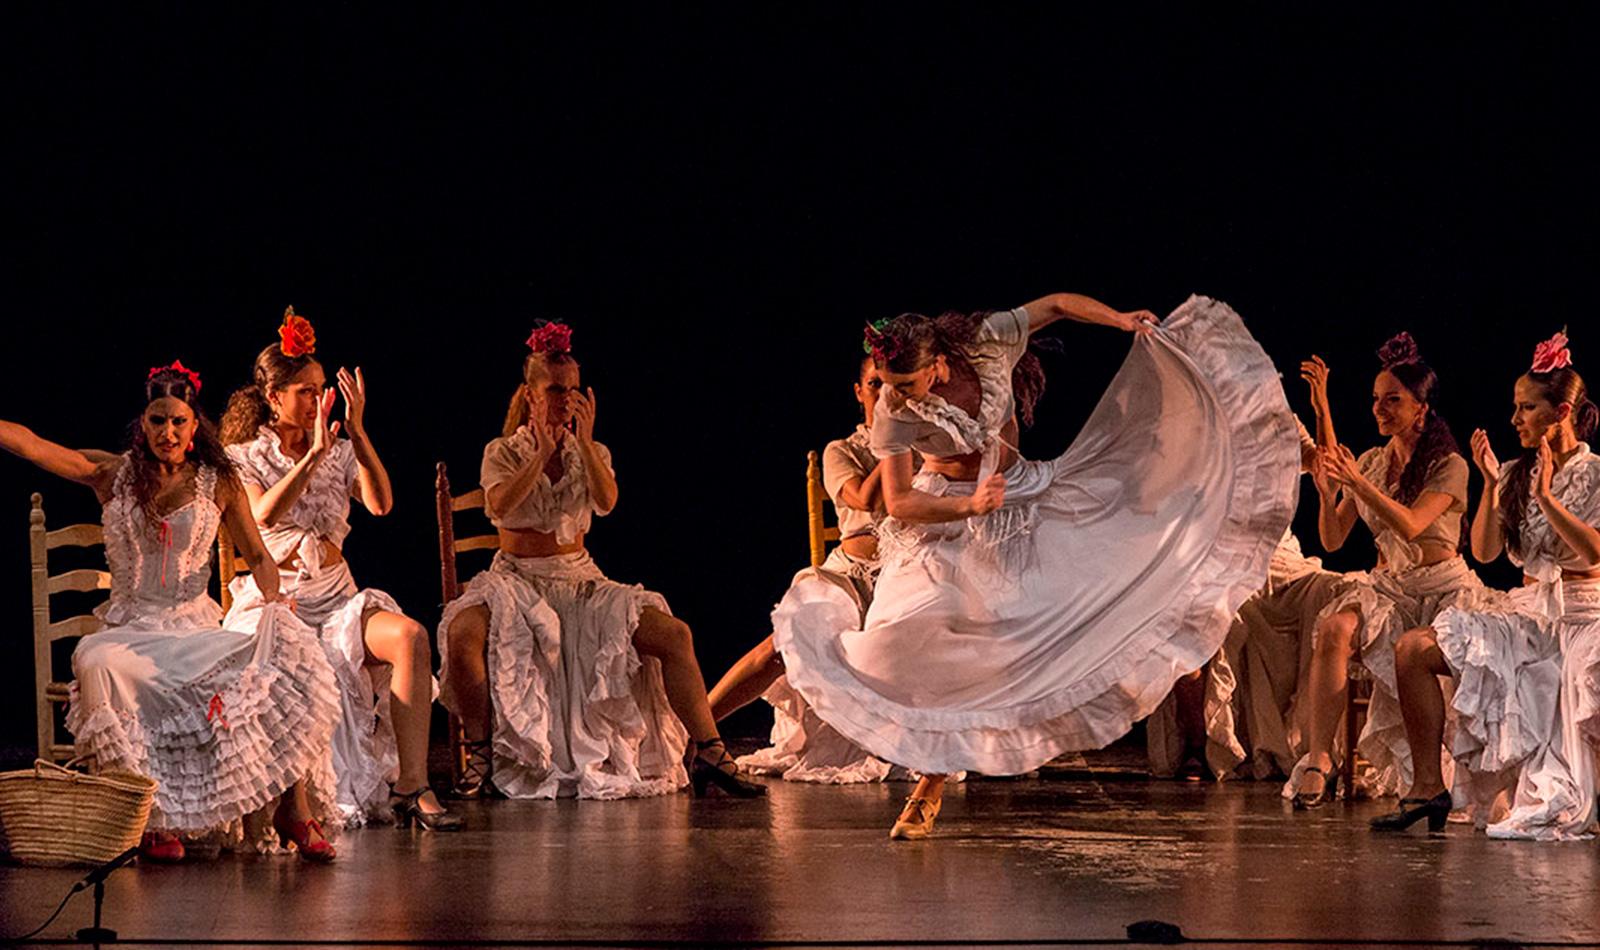 Soleá flamenca